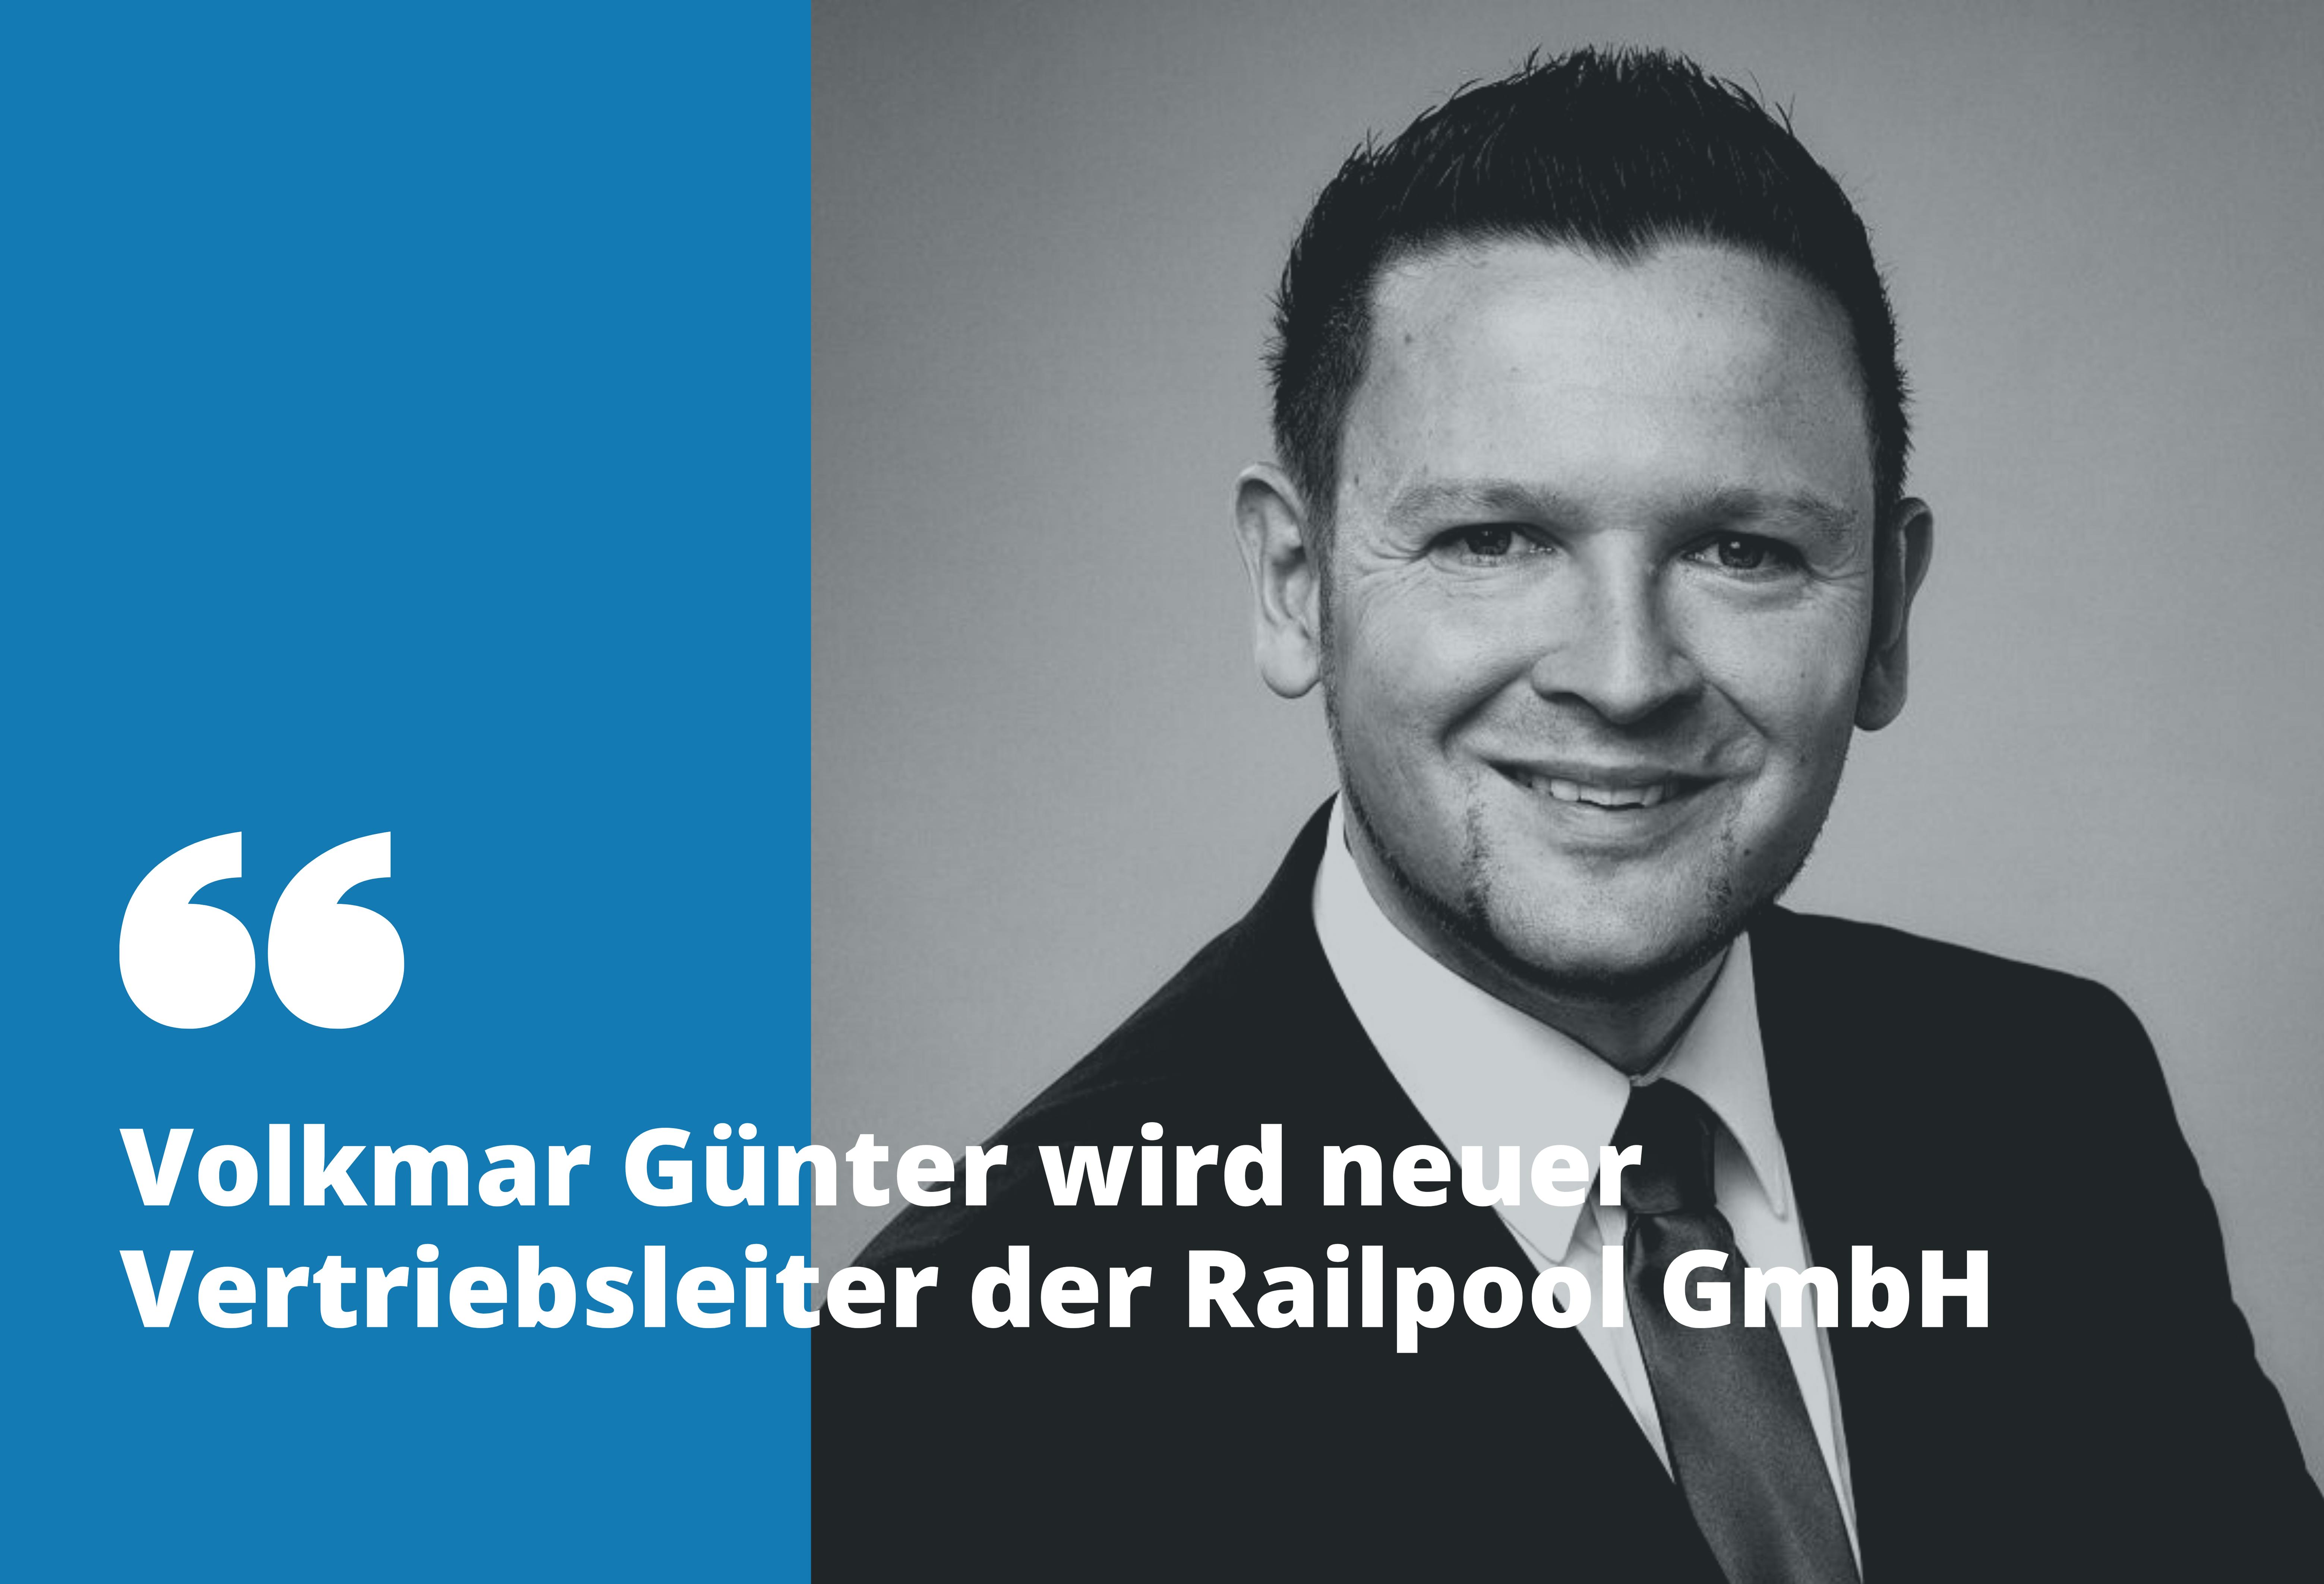 Volkmar Günter - Vertriebsleiter der RAILPOOL GmbH (LinkedIn)